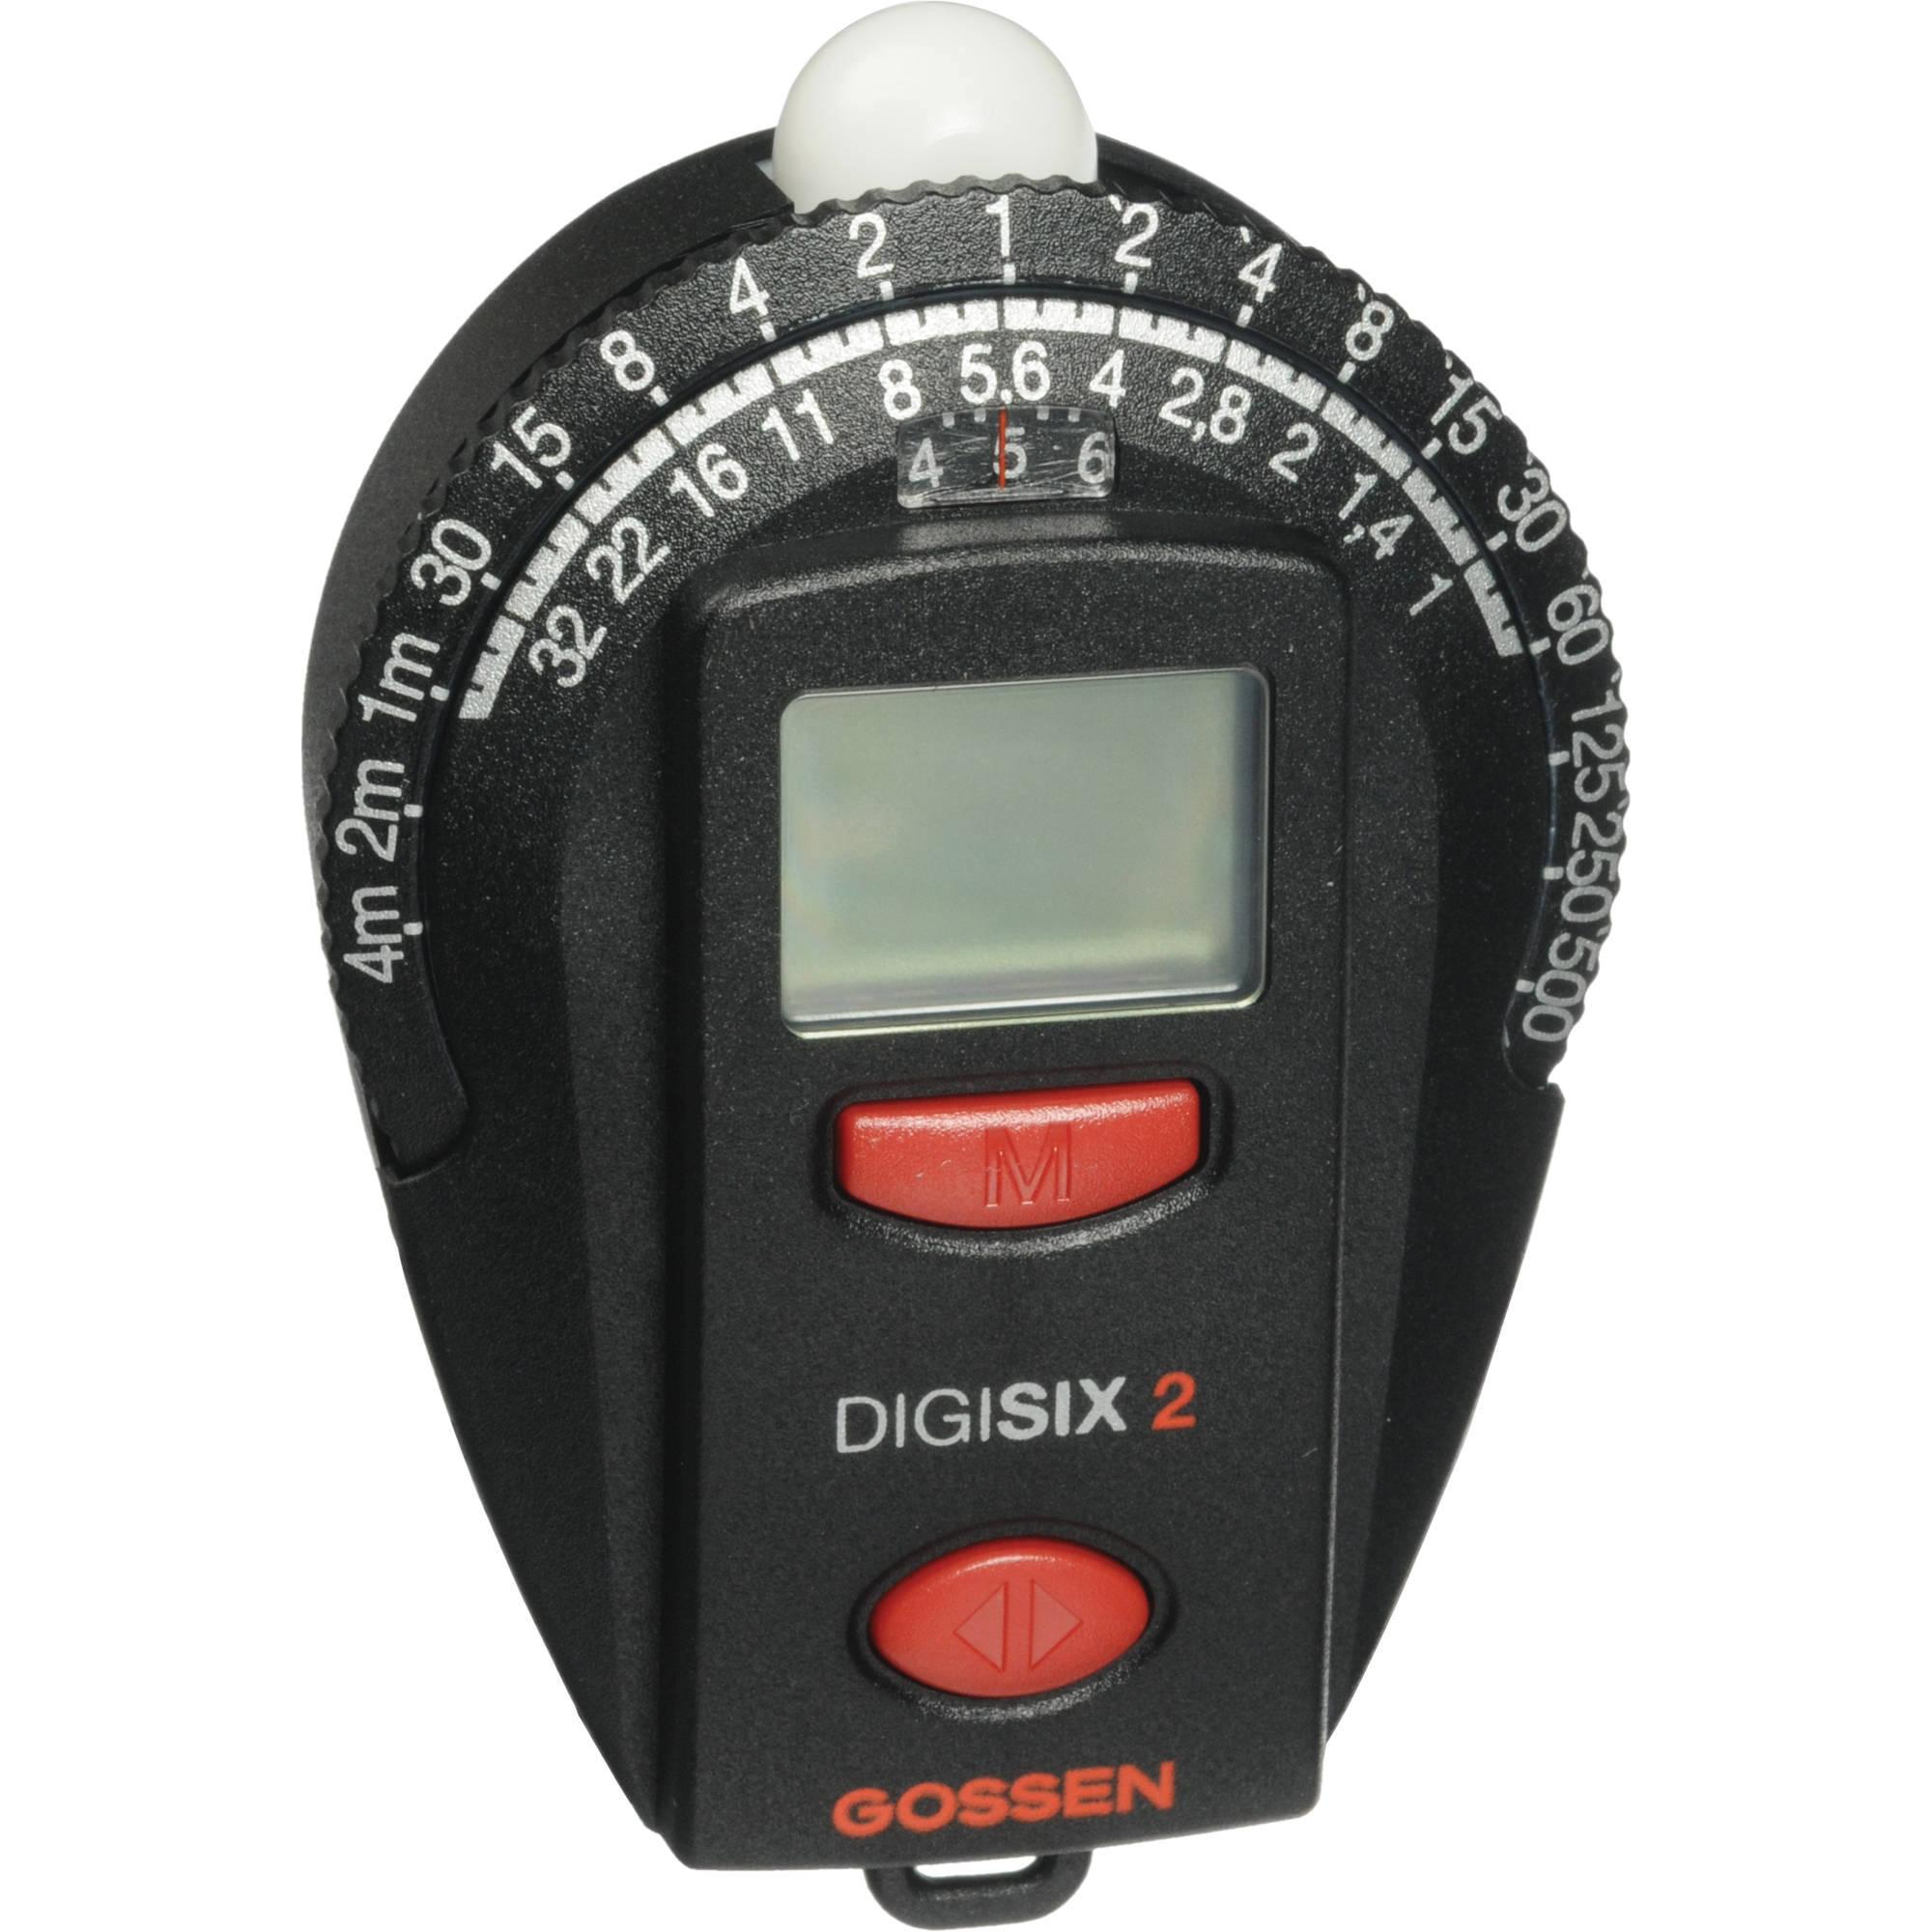 Gossen Digisix 2 Light Meter GO 4006-2 B&H Photo Video